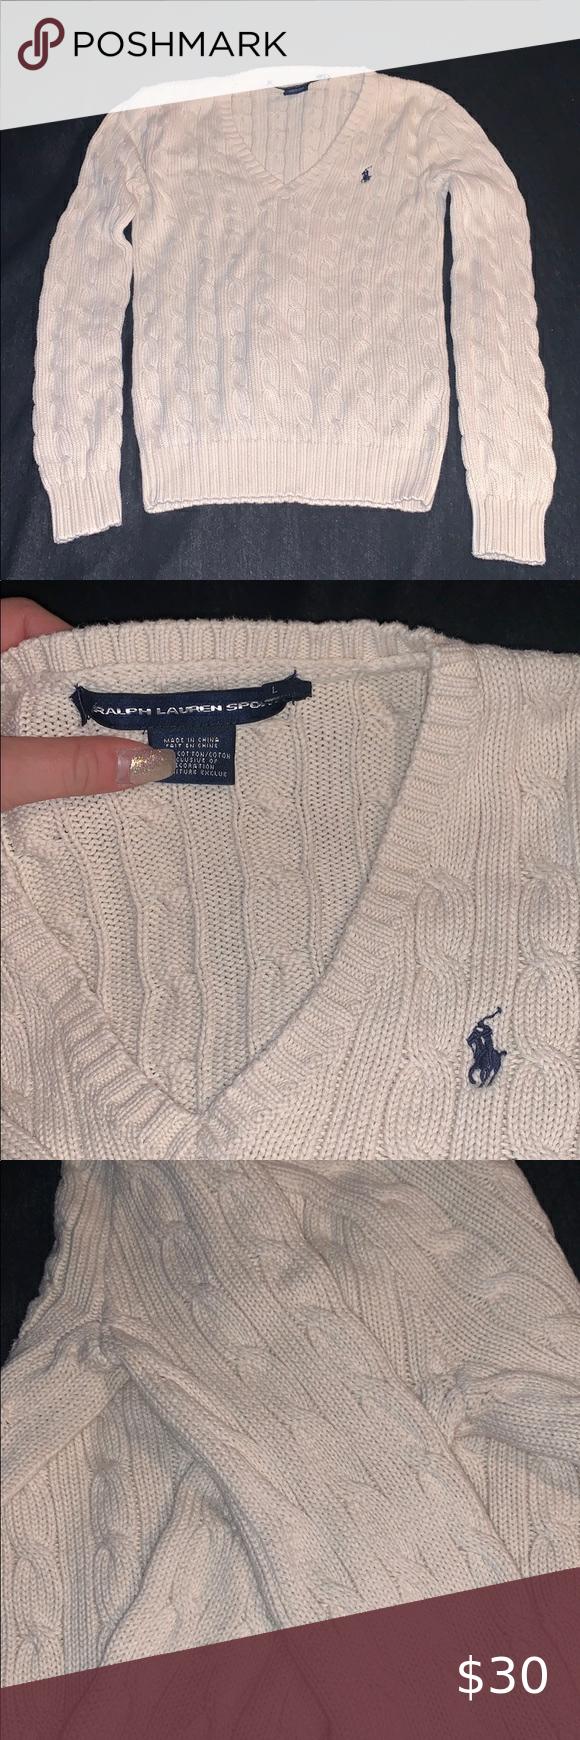 Photo of Ralph Lauren Sweater Beautiful Ralph Lauren cable sweater. Light cream color siz…